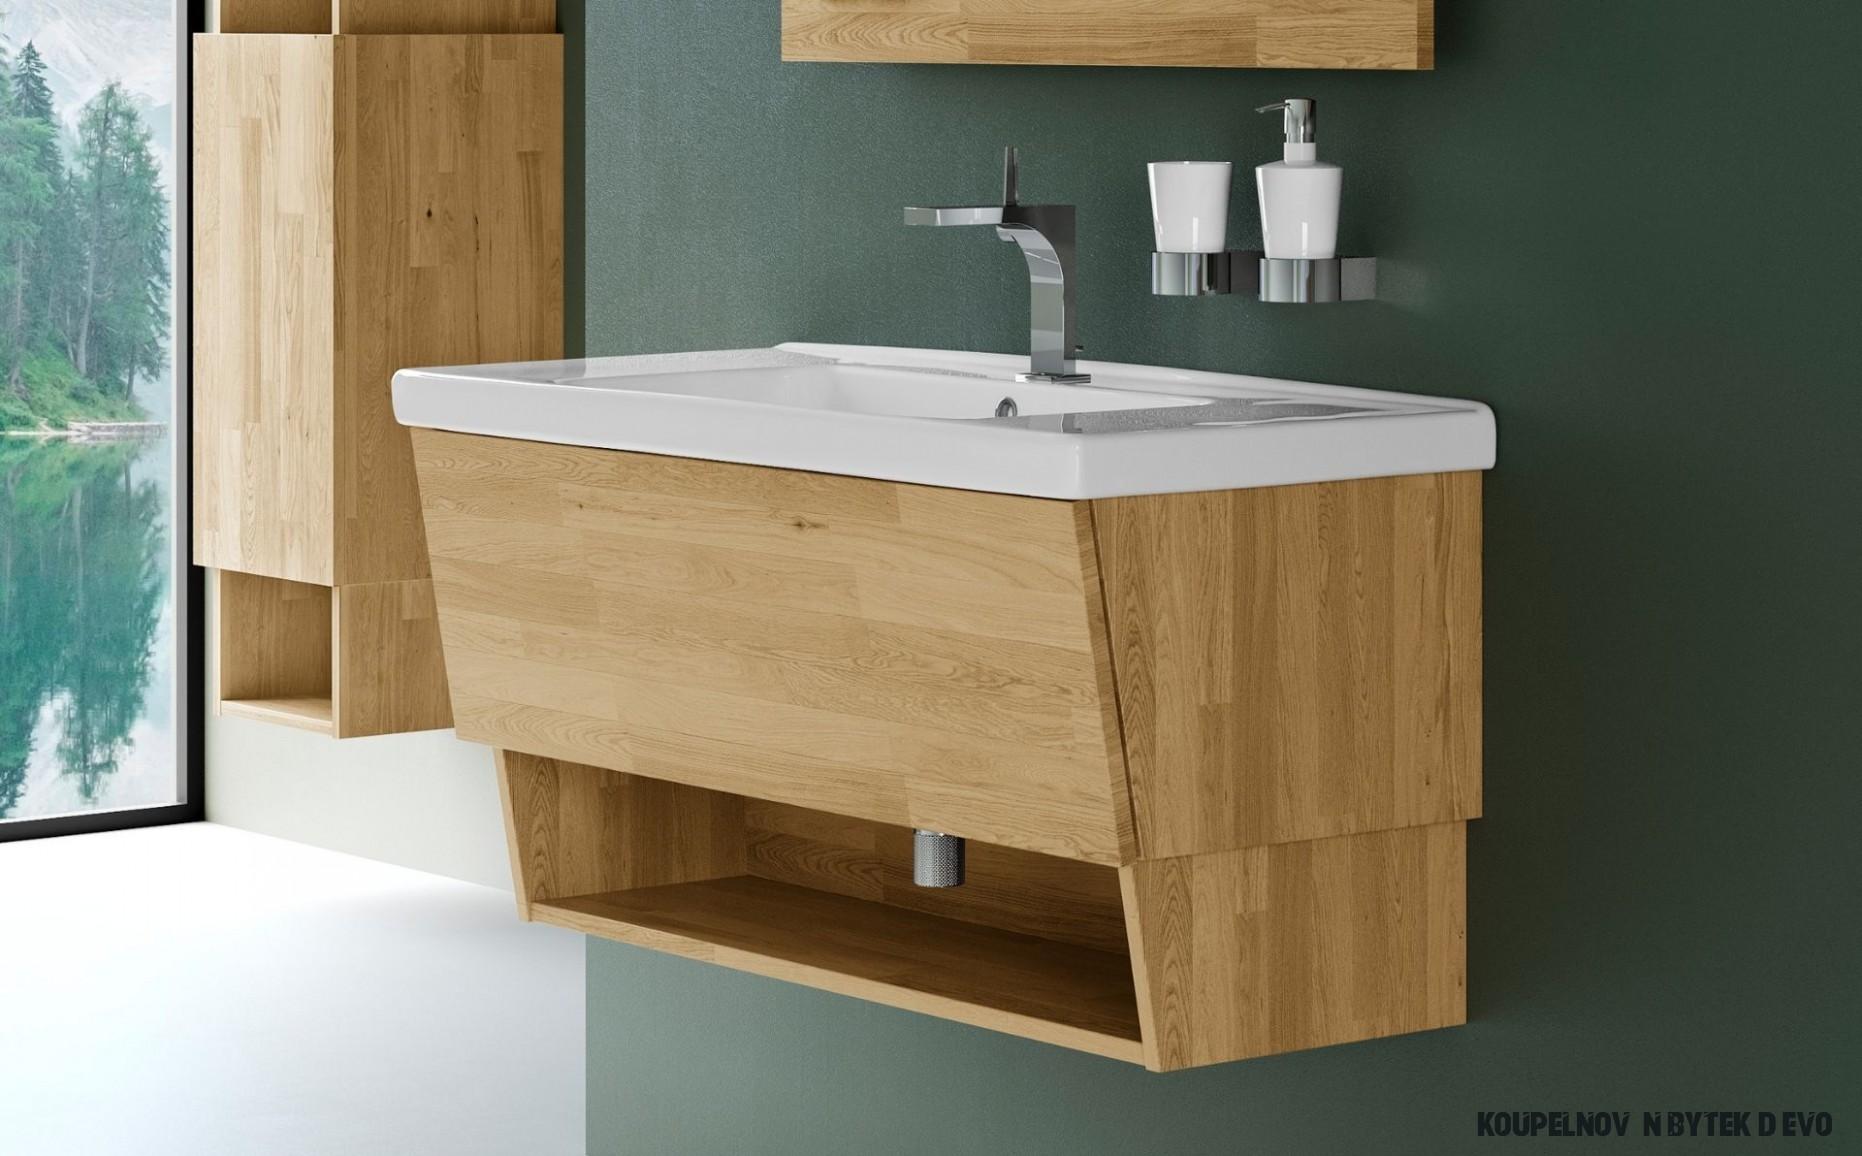 Koupelnový nábytek Invence - Koupelnový nábytek Dřevojas